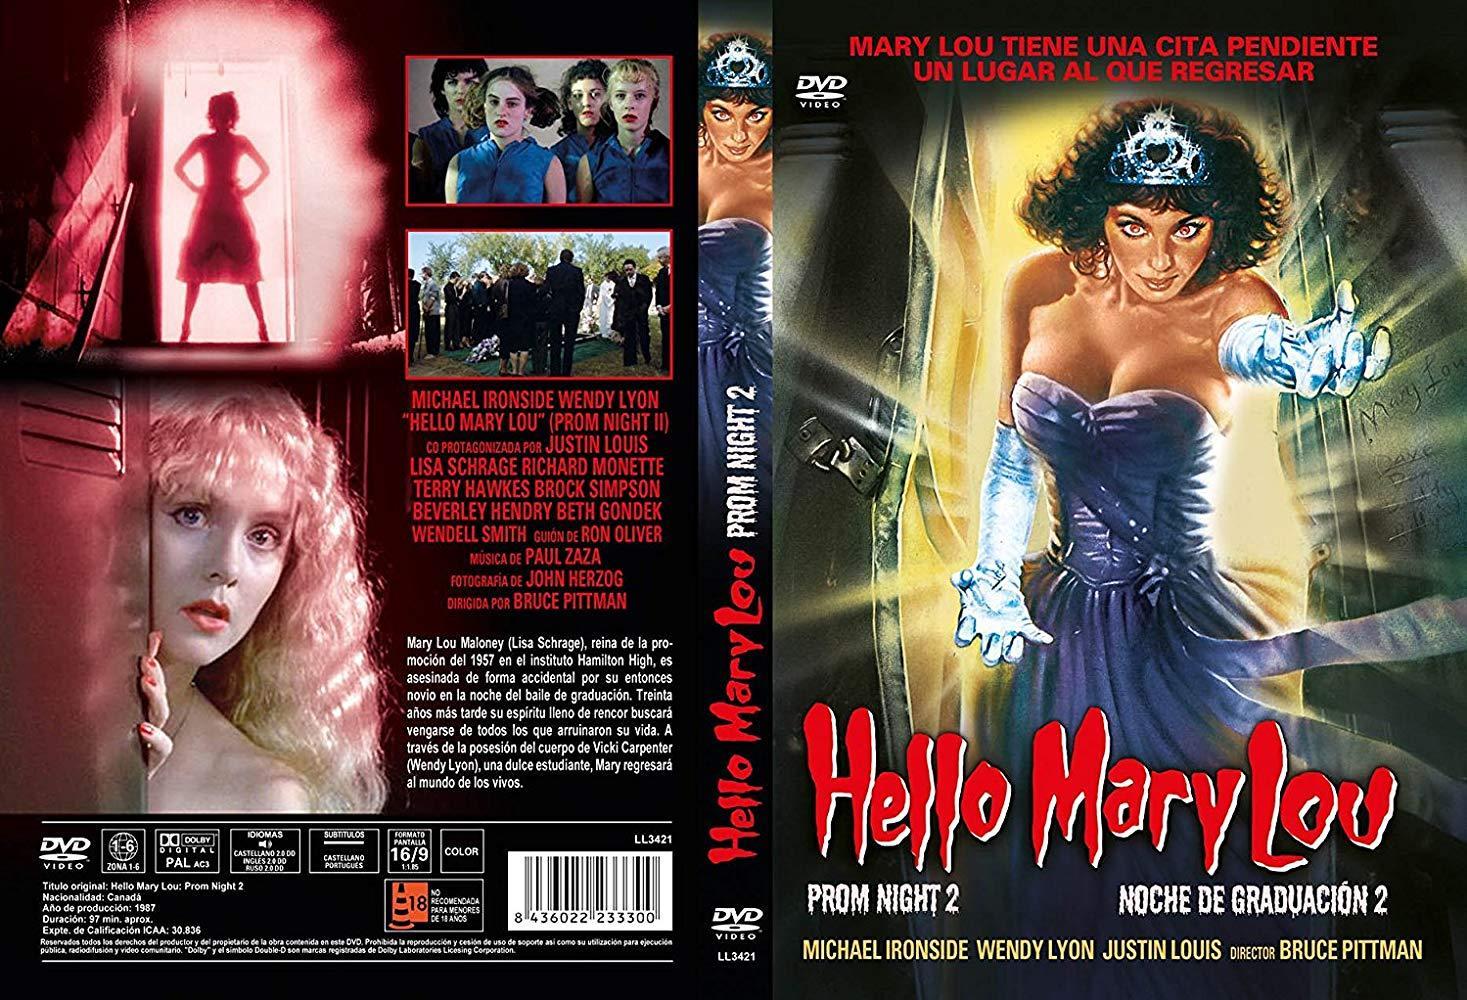 مشاهدة فيلم Hello Mary Lou Prom Night Ii 1987 Hd مترجم كامل اون